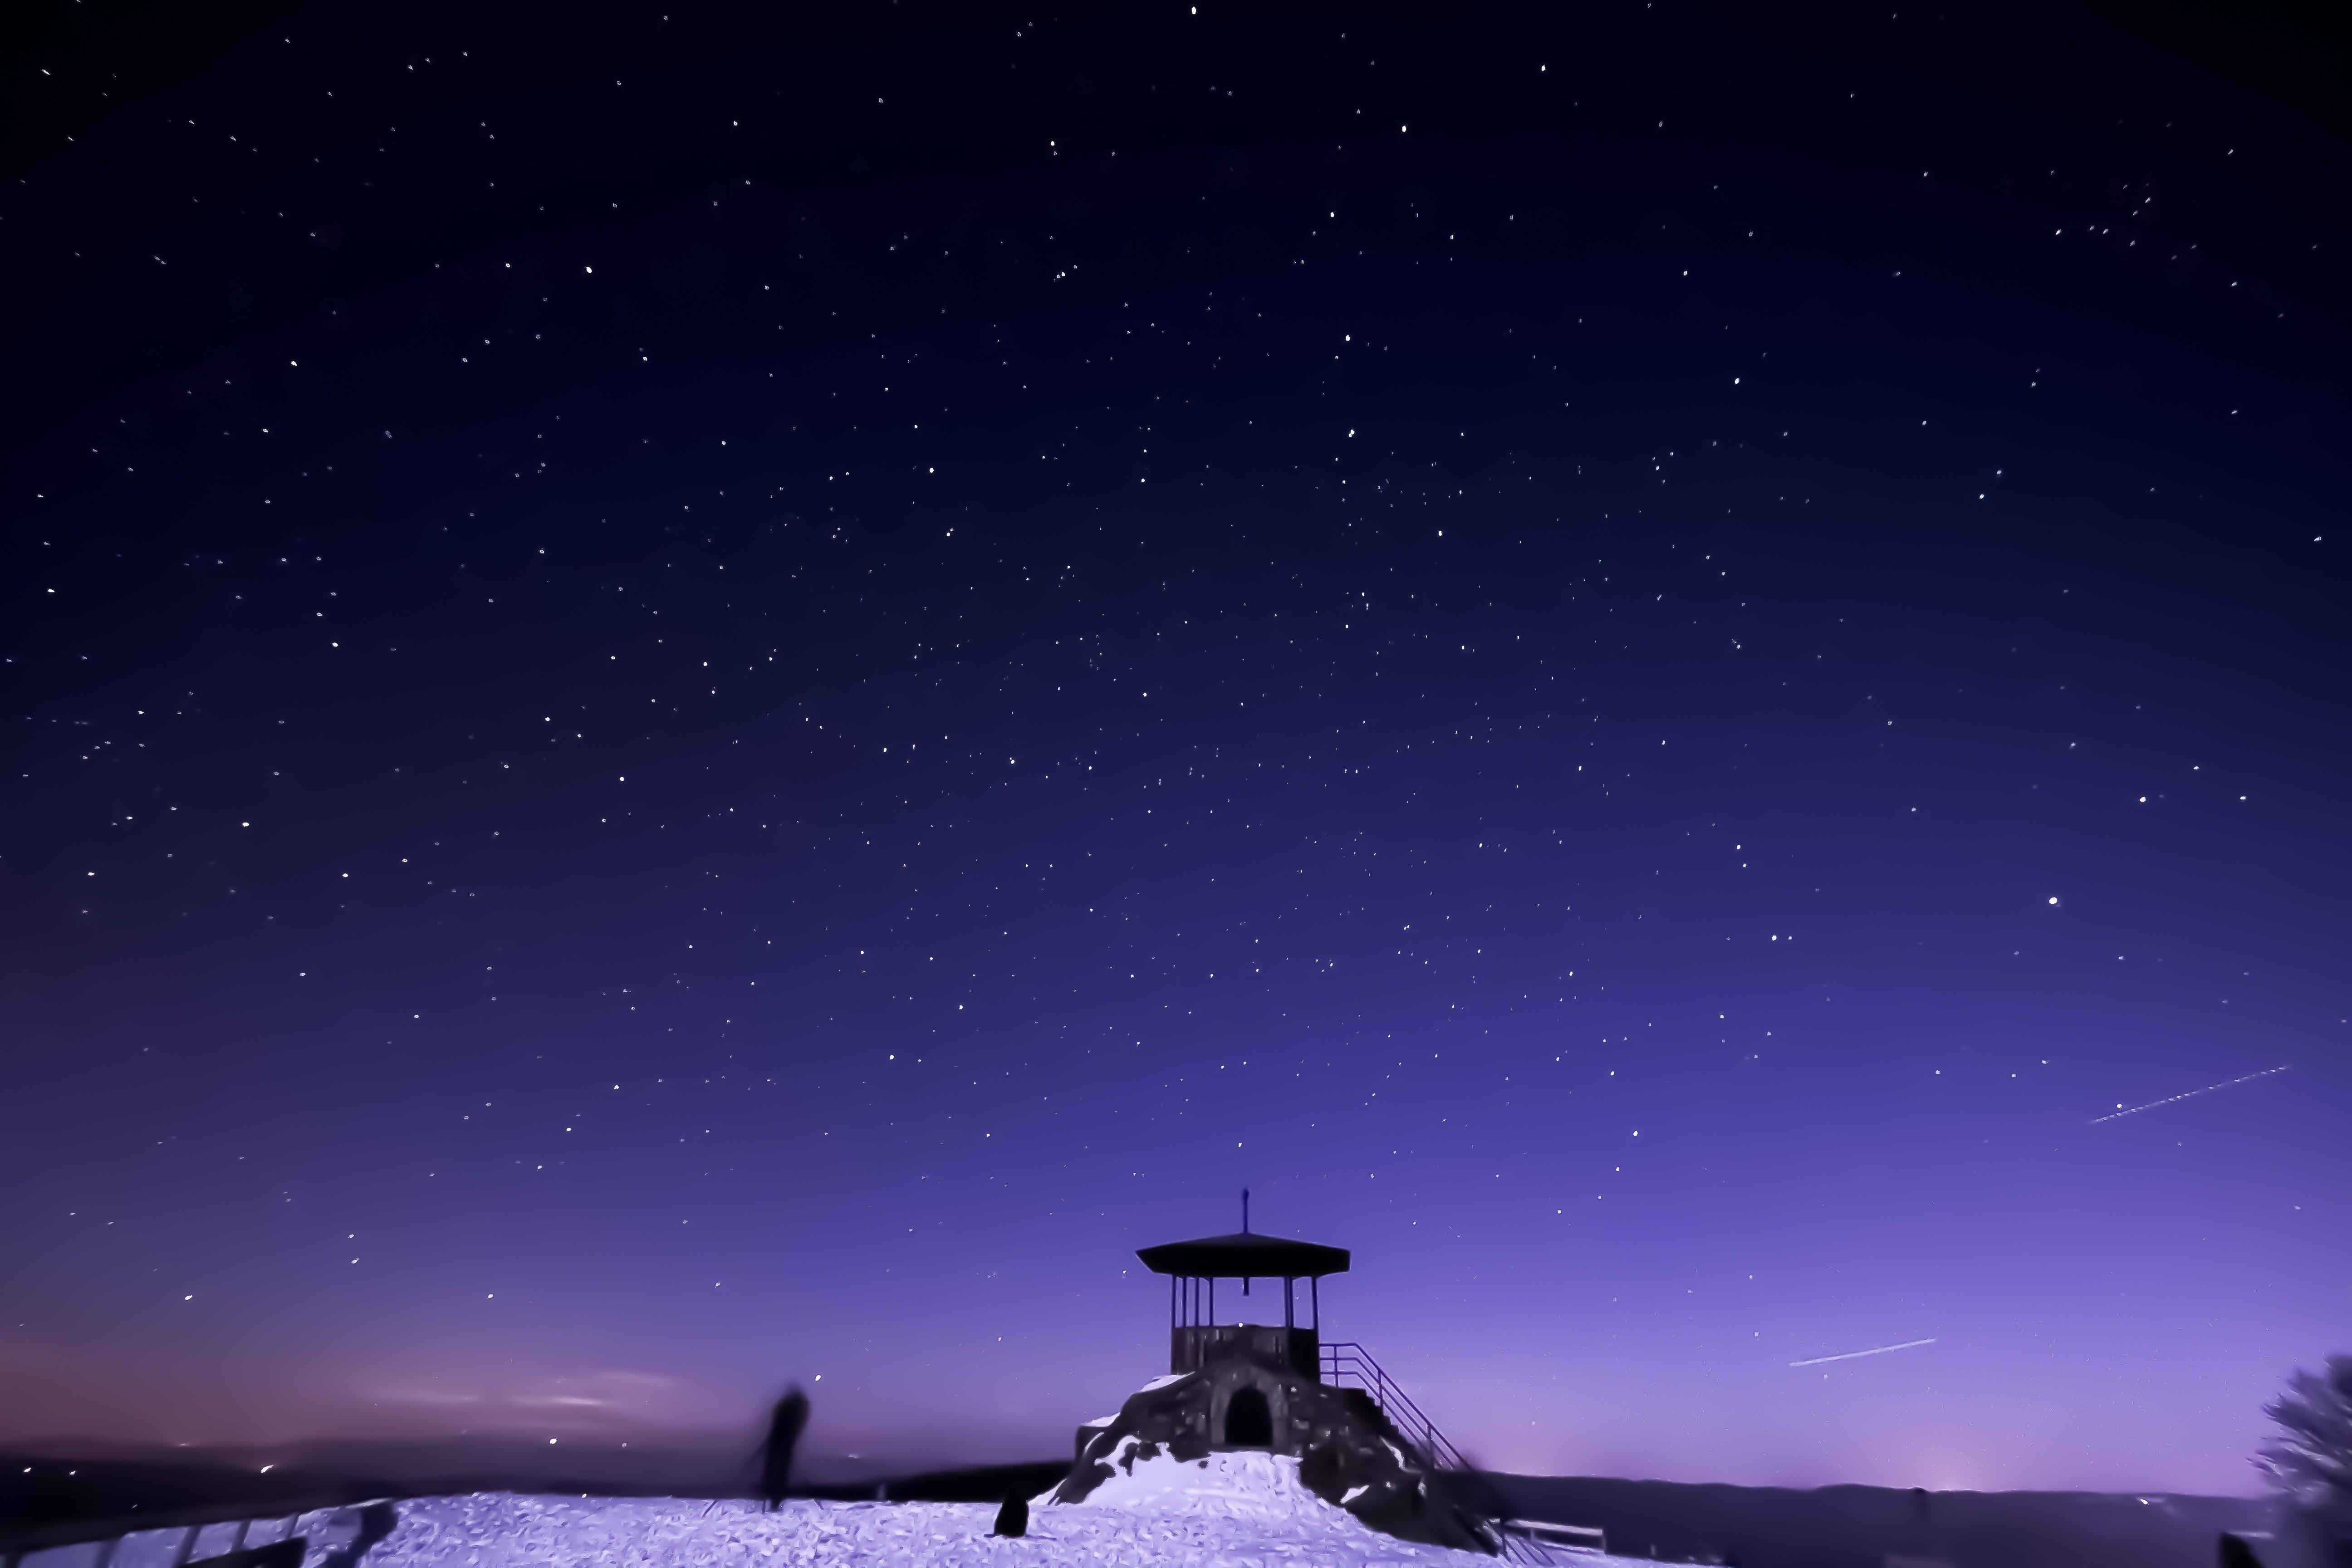 Wallpaper Snow Winter Moonlight Night Sky Starry